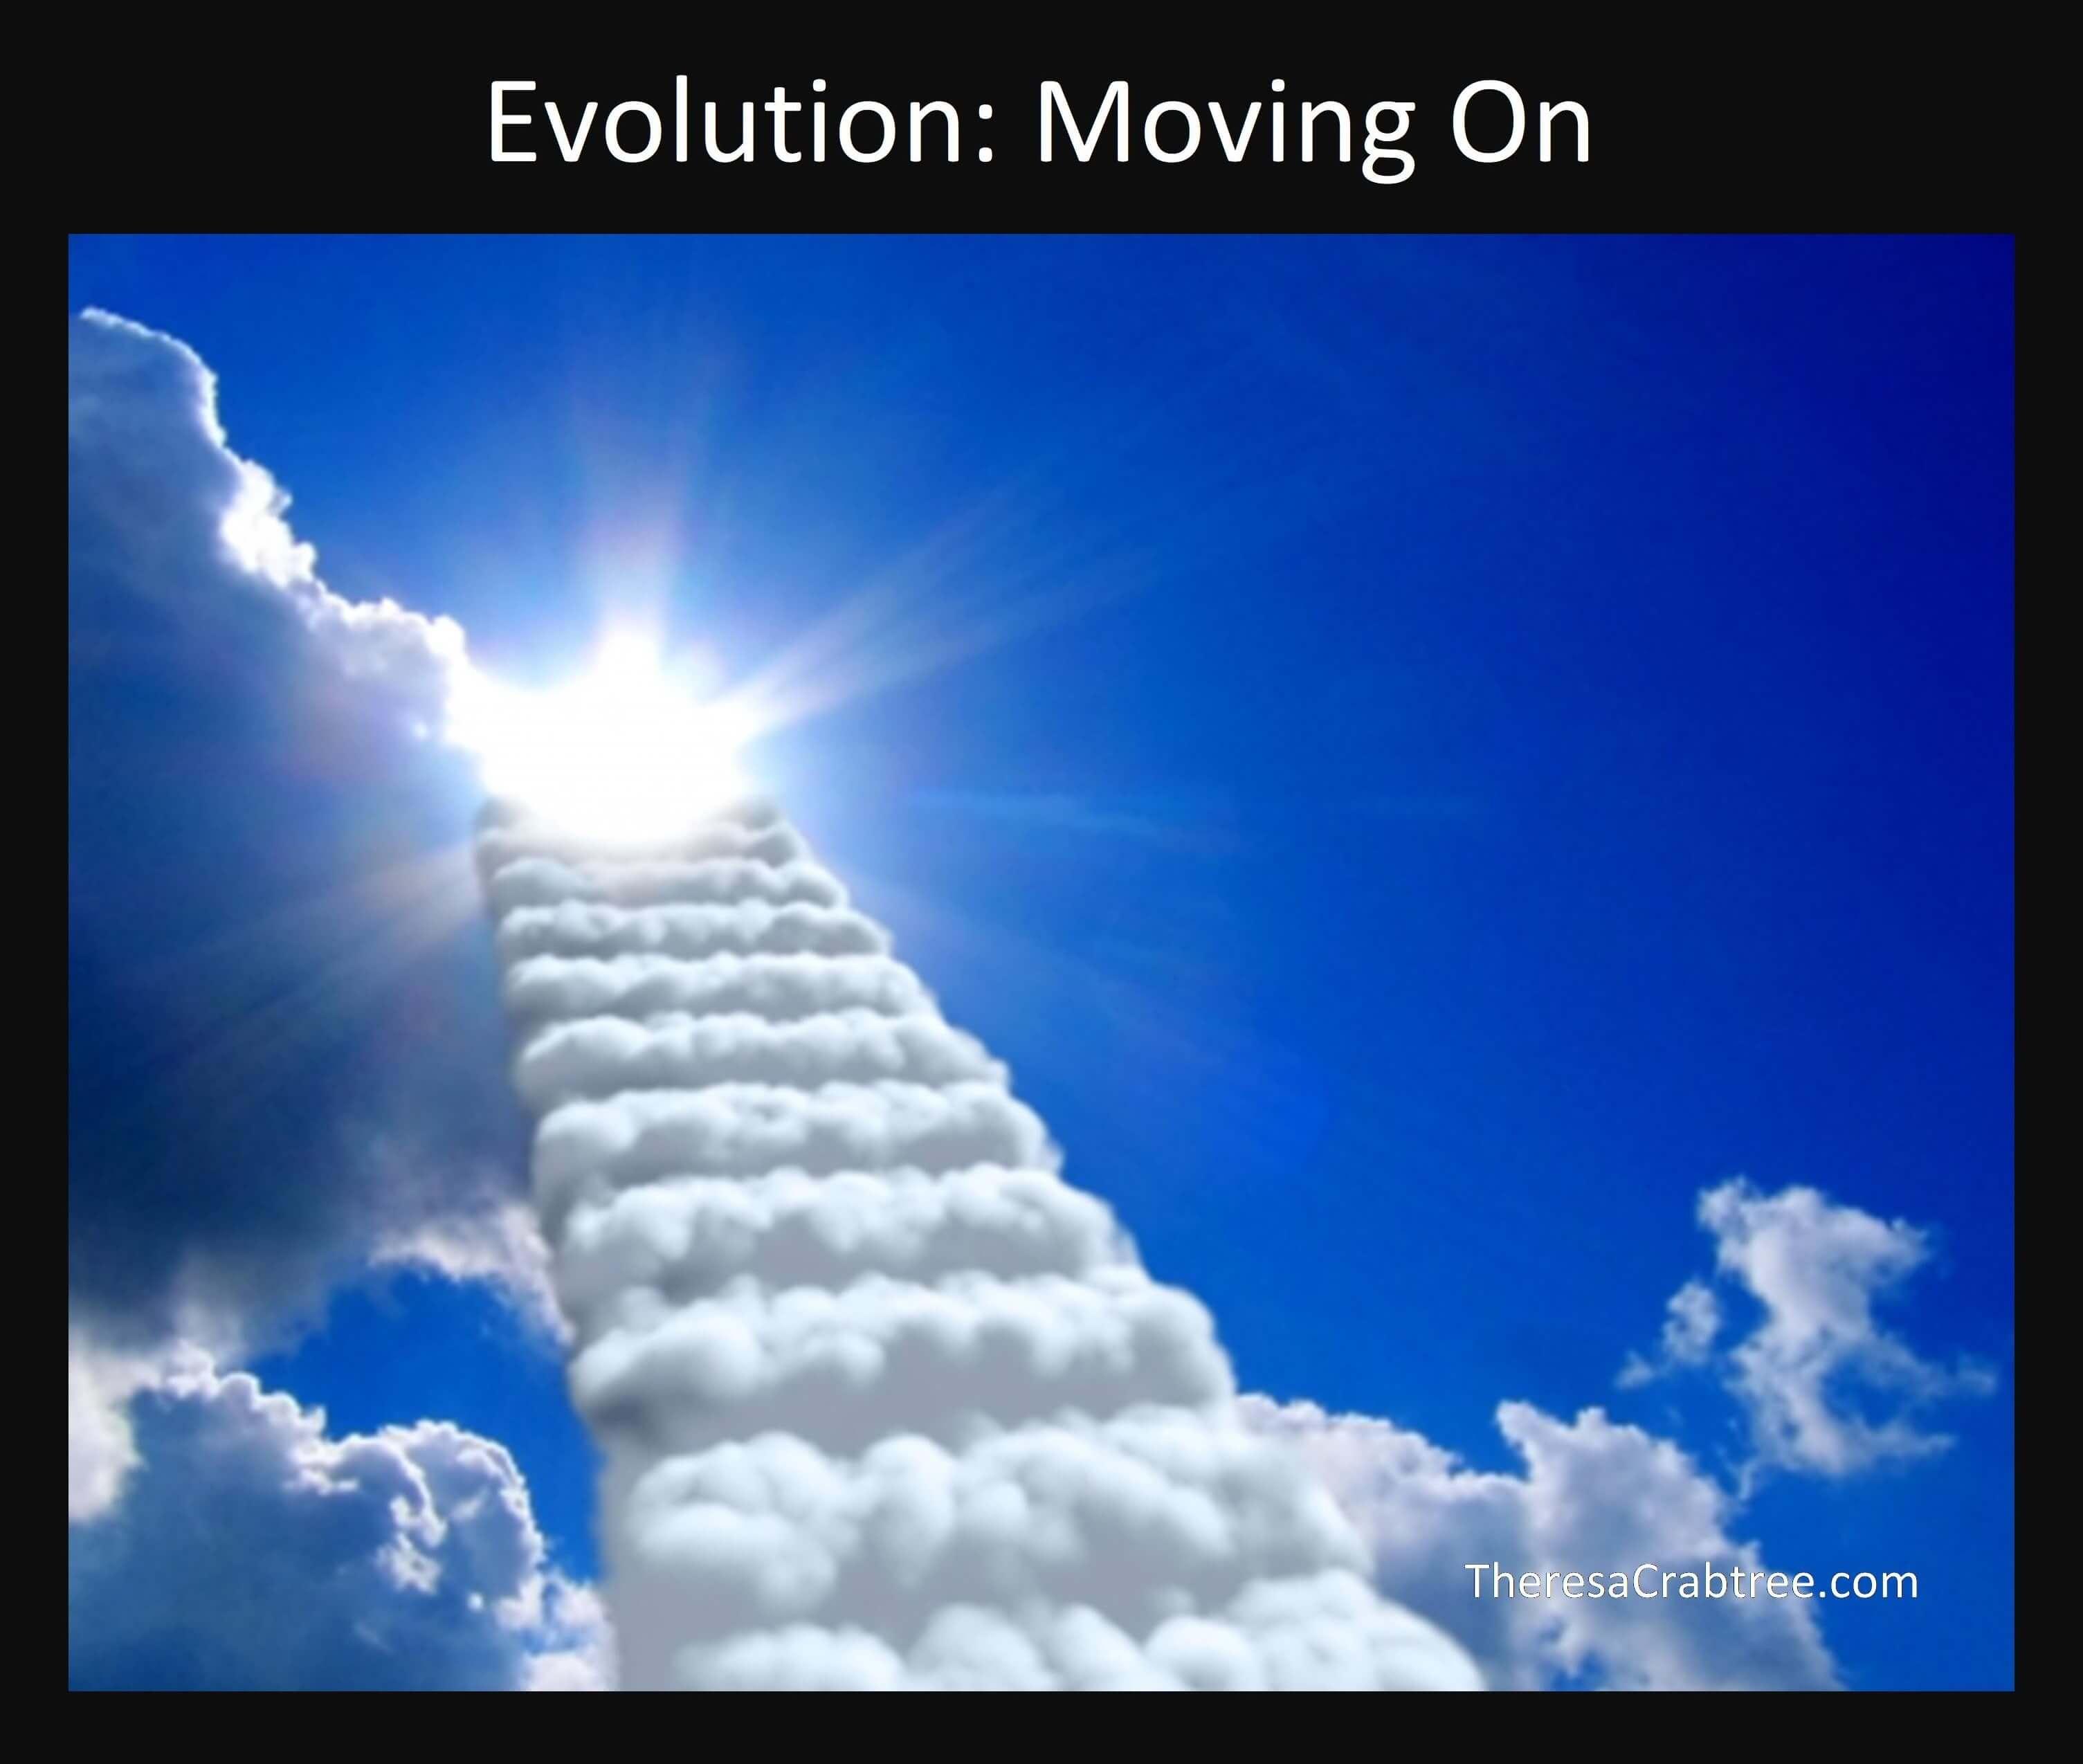 Evolution: Moving On